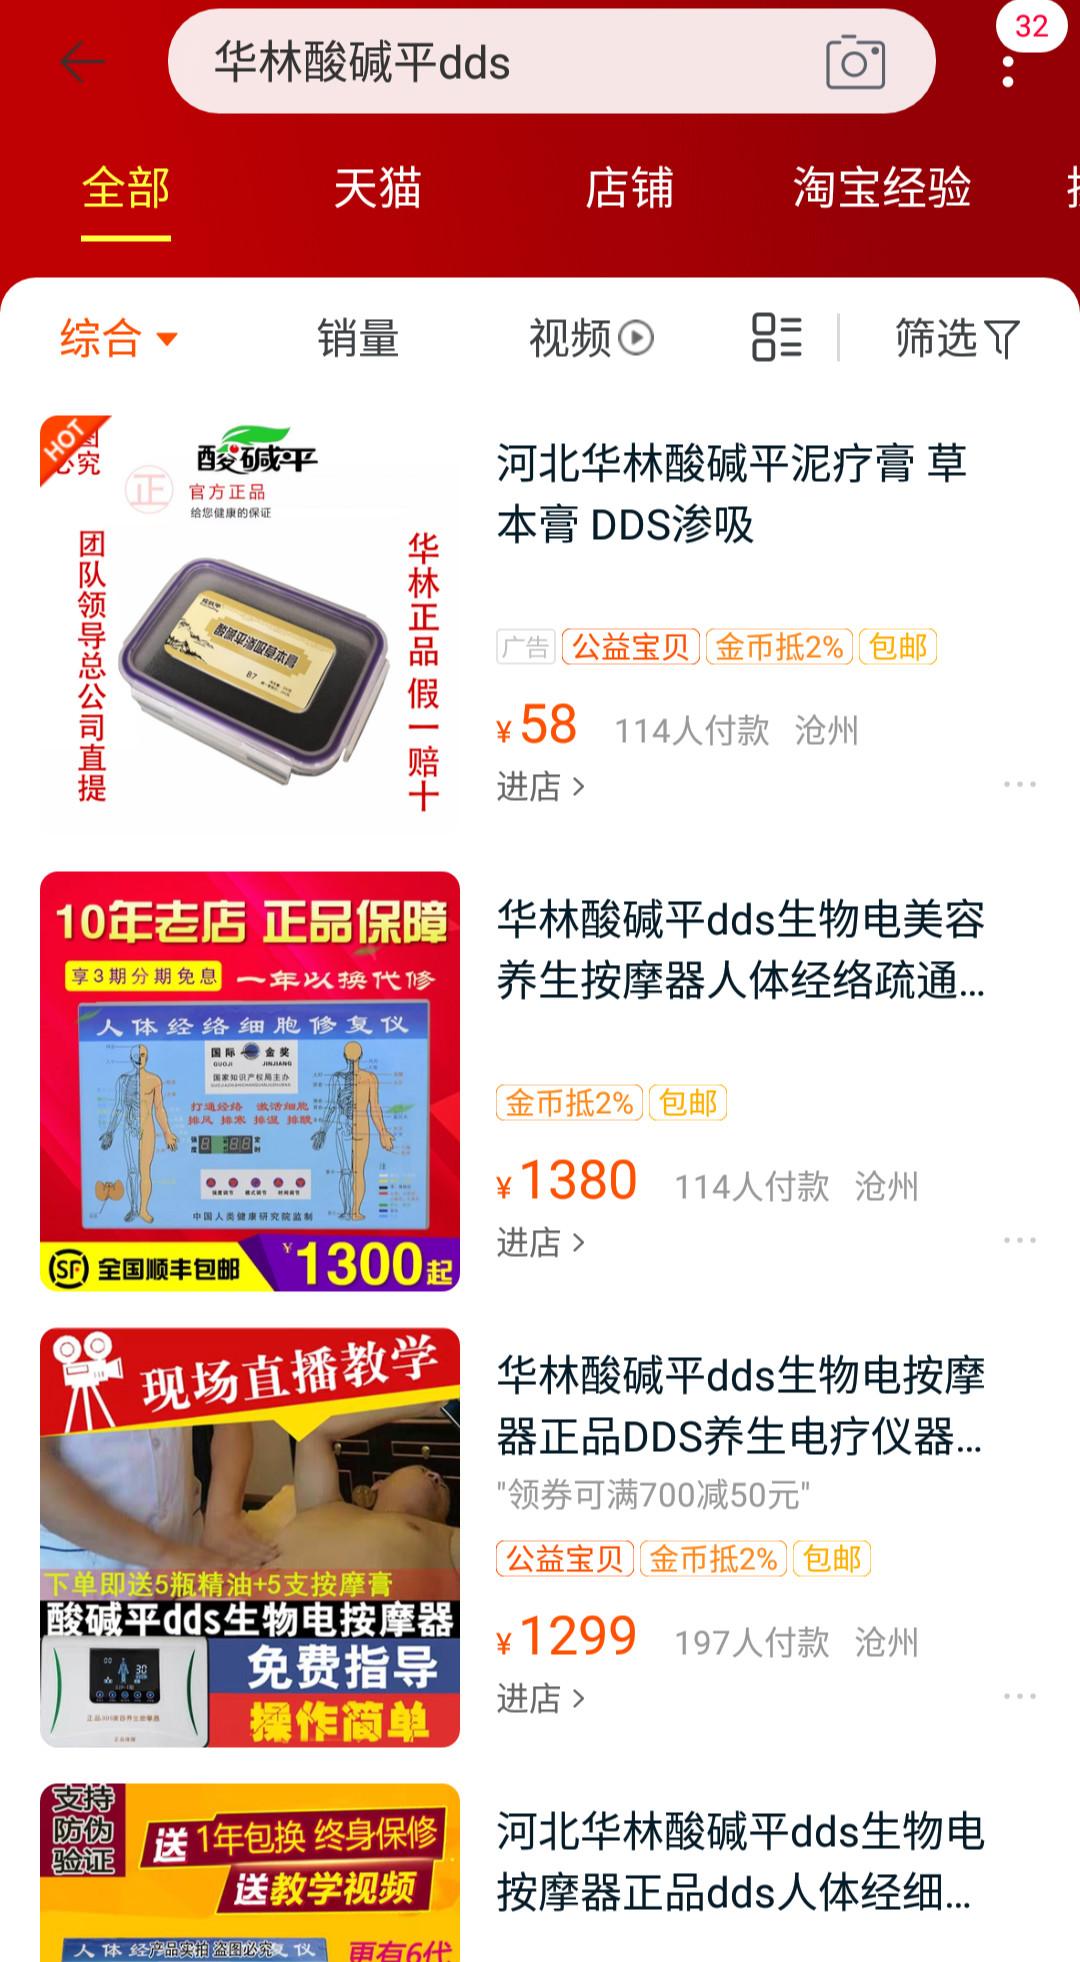 平台正在售卖的华林酸碱平DDS按摩仪。